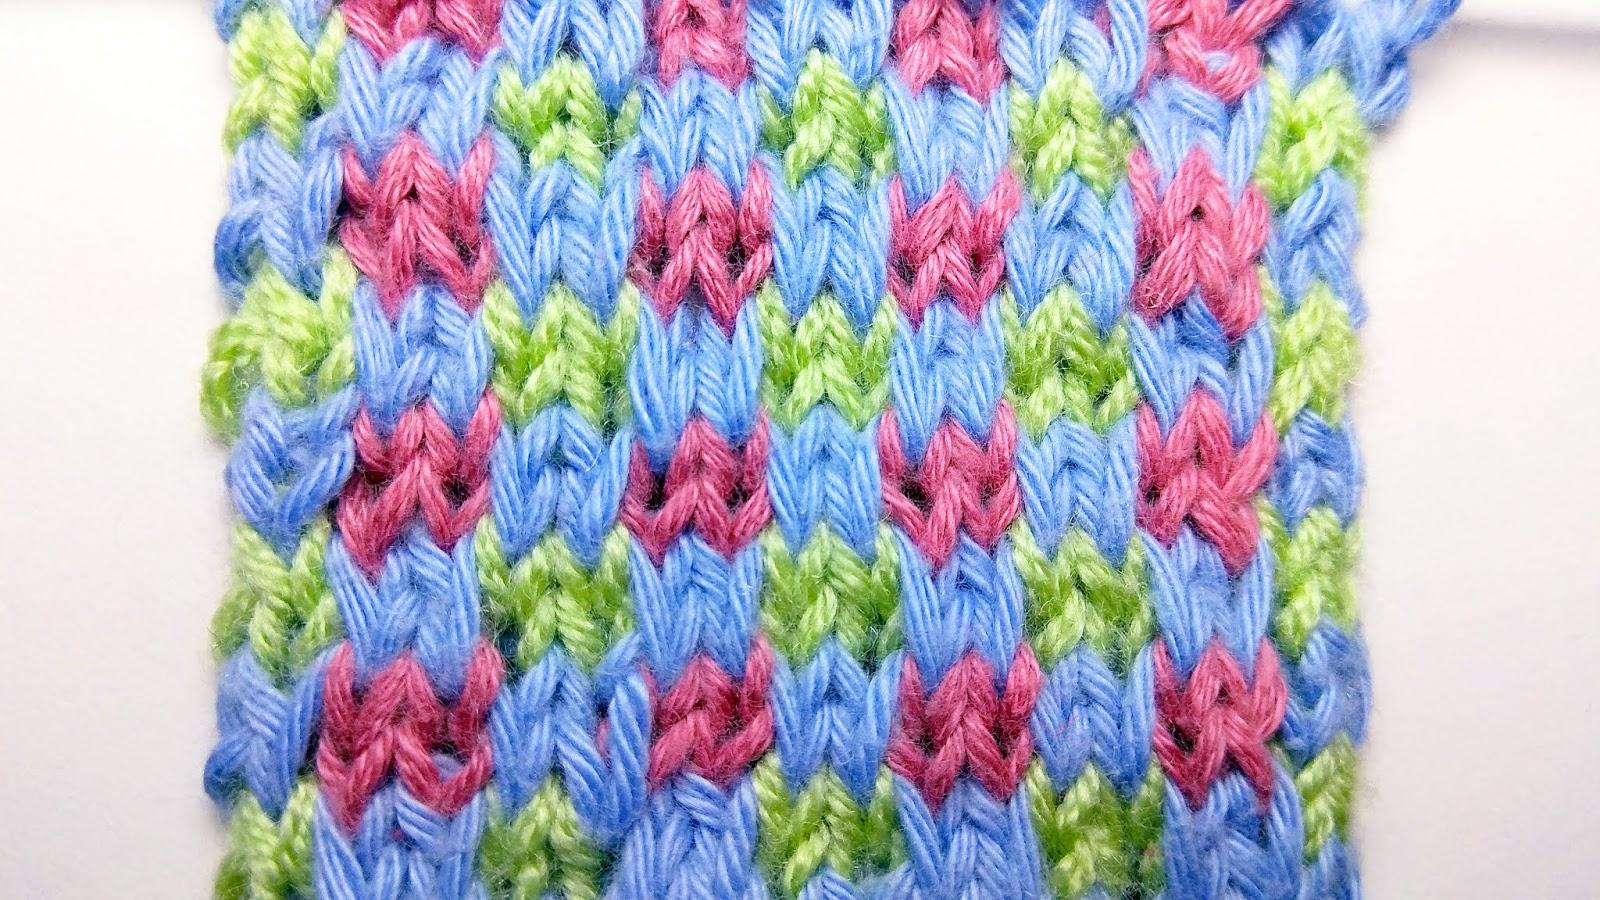 Colored Chess - Knitting Stitch